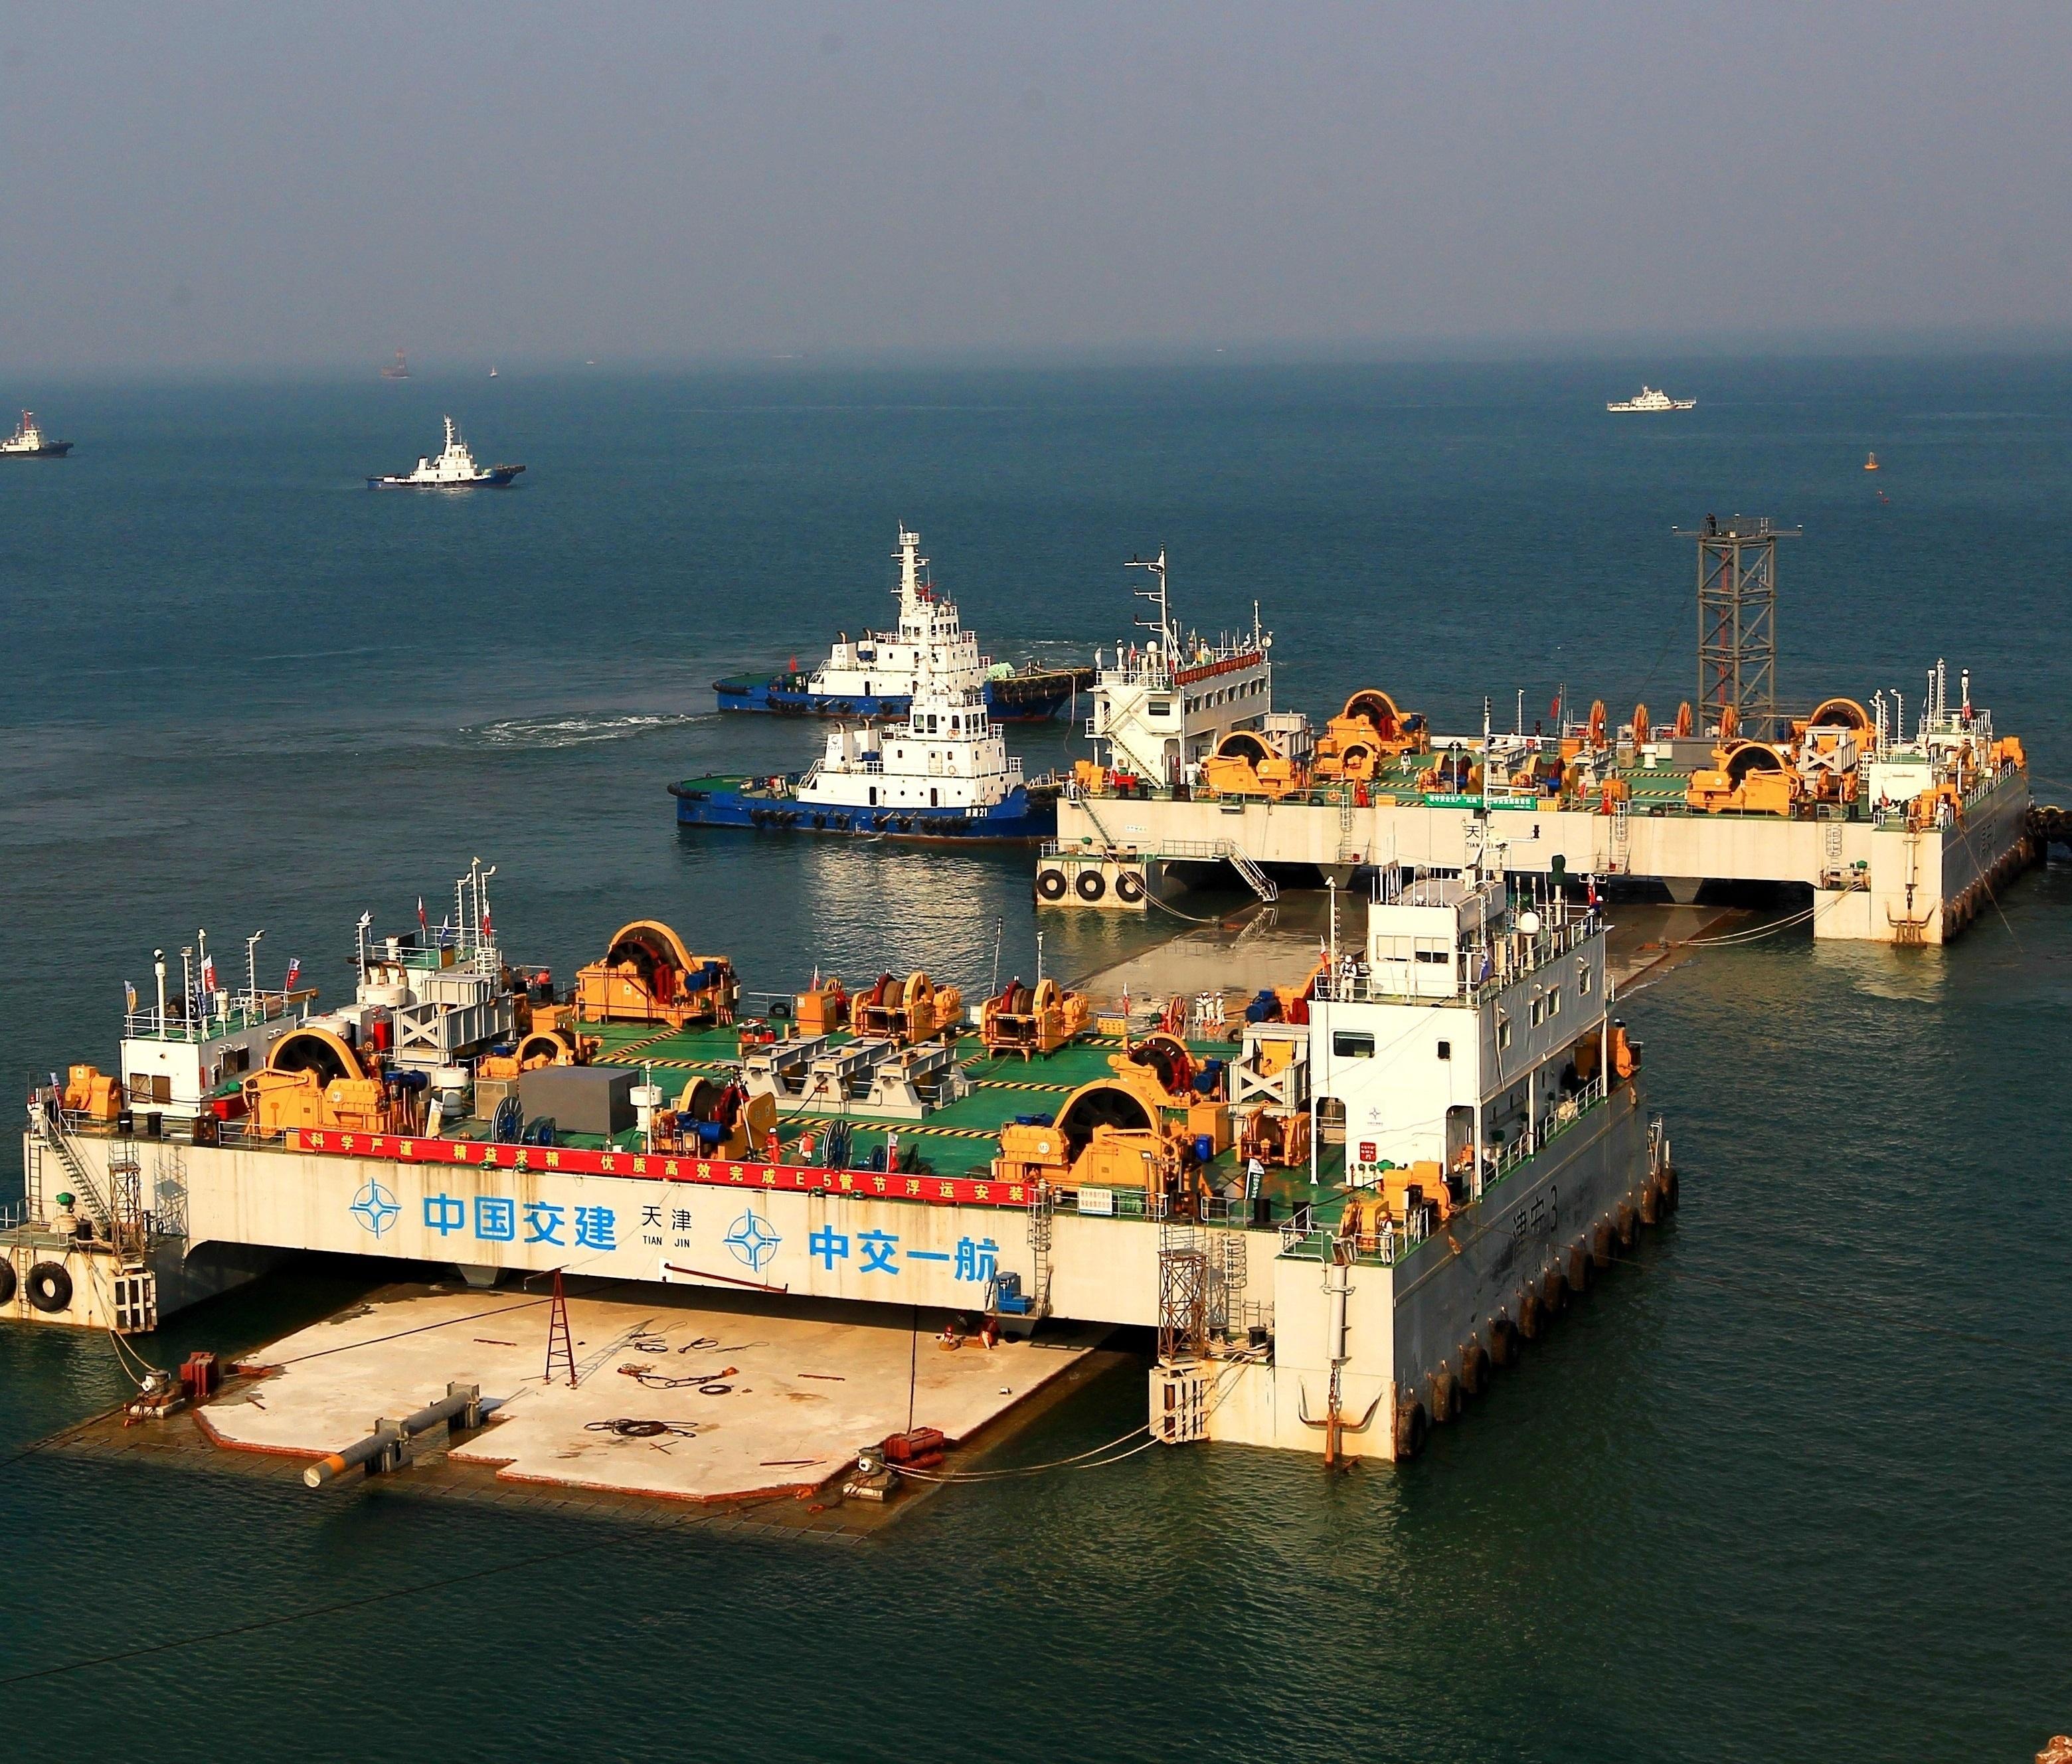 HZMB - courtesy of HZMB.gov.hk